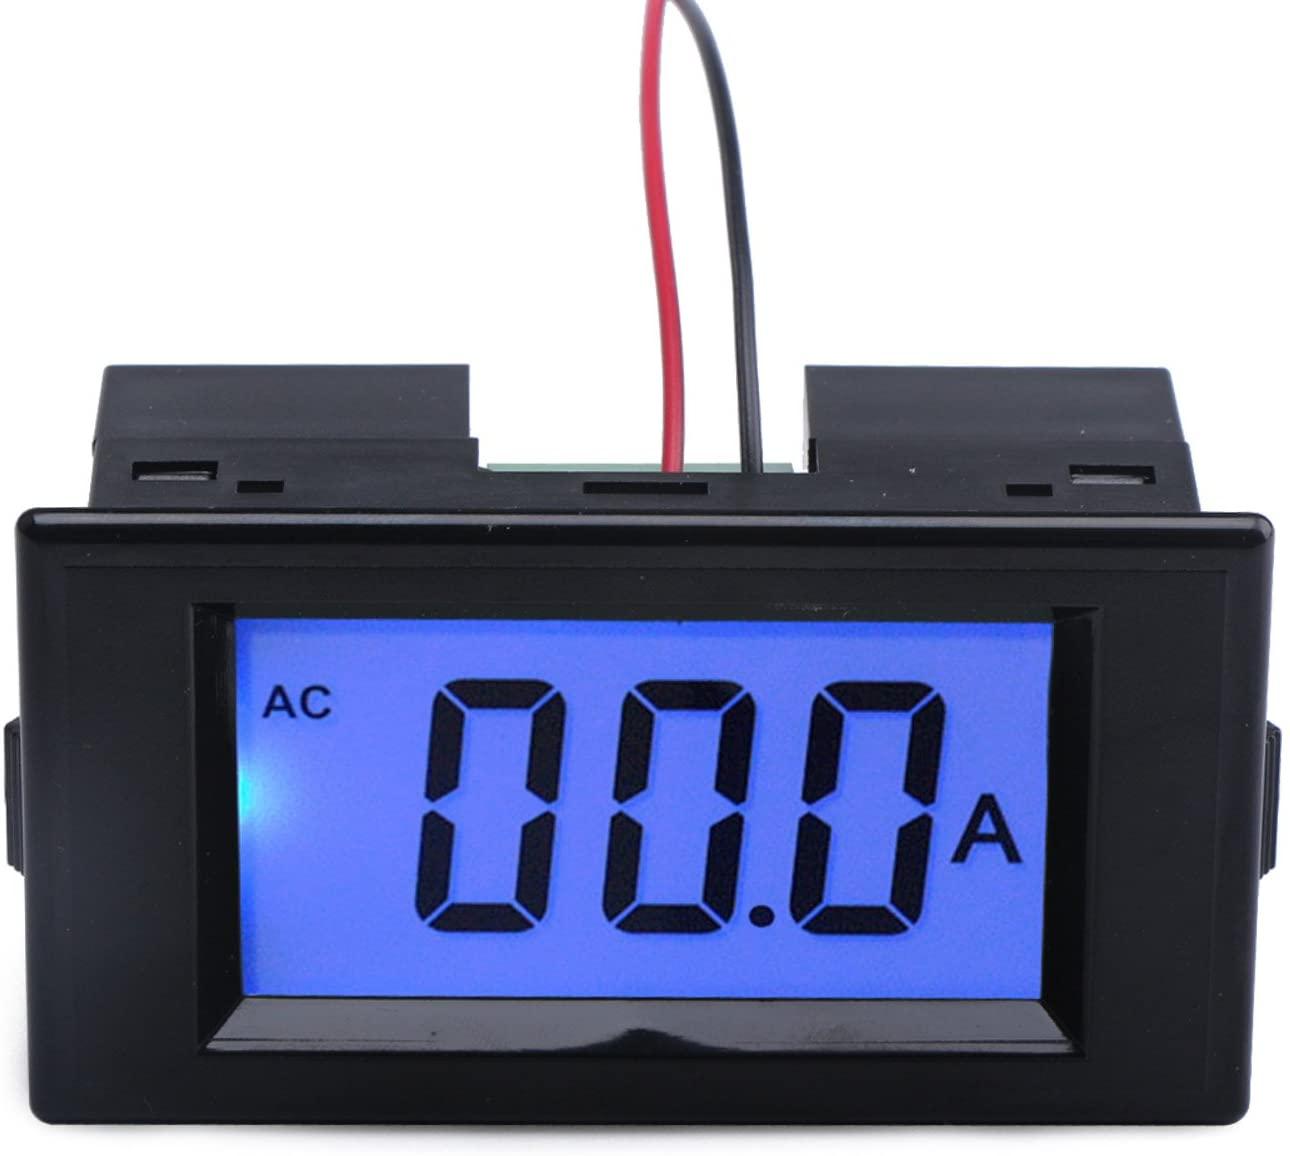 DROK Digital AC 50A Current Tester Ammeter Ampere Detector Amp Testing Meter Blue Backlight LCD Panel Display